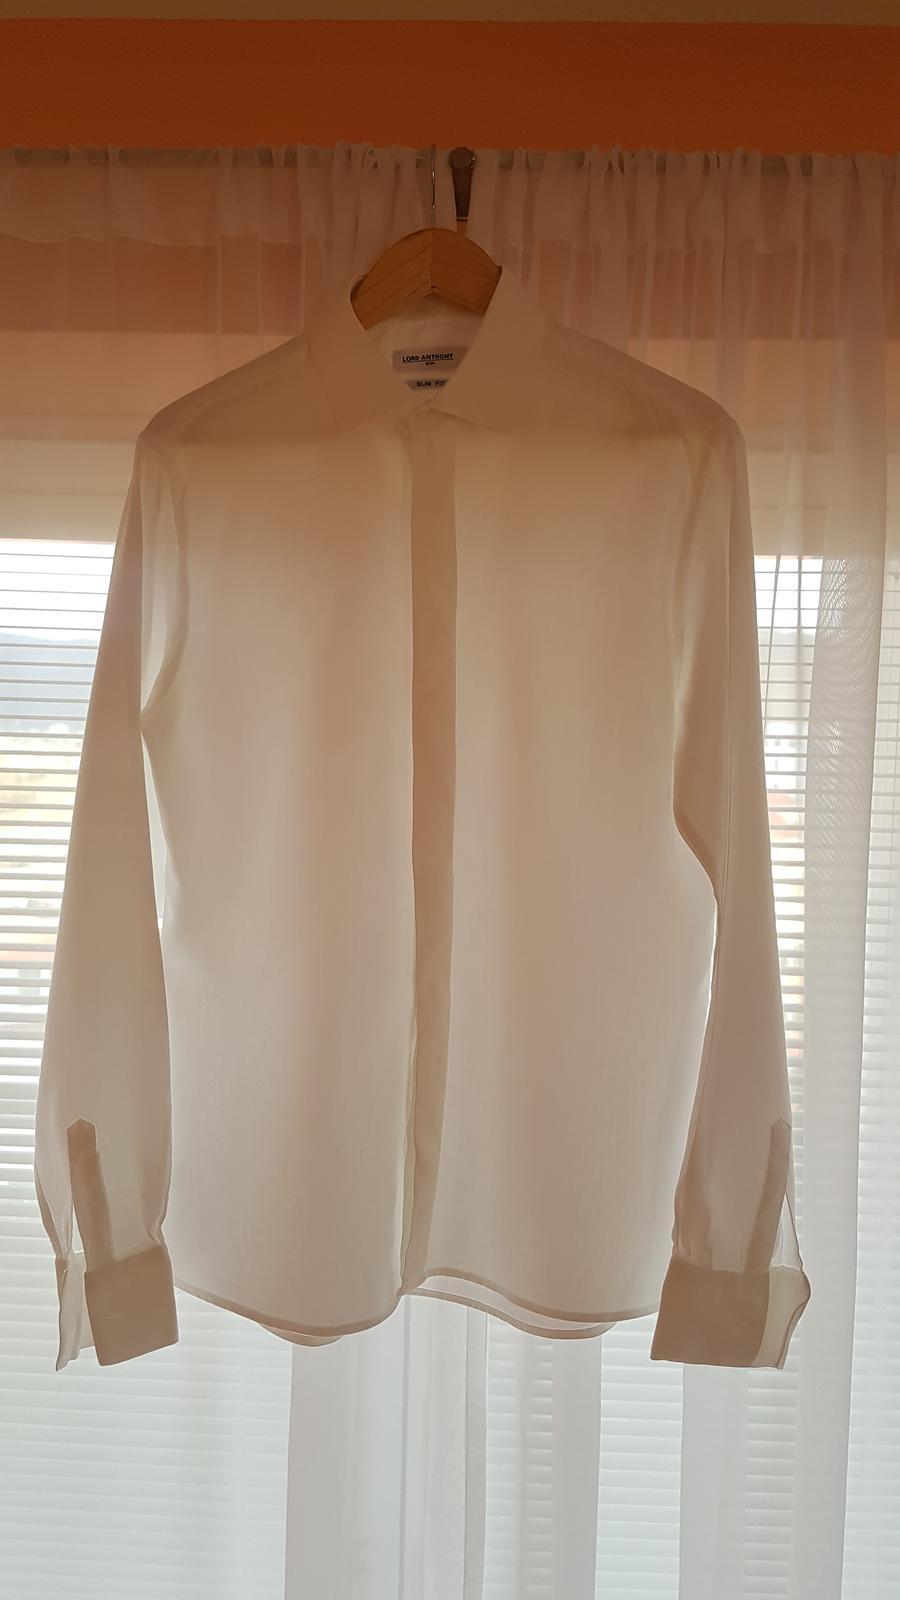 Košeľa Lord Anthony - odtieň diamont white - Obrázok č. 1